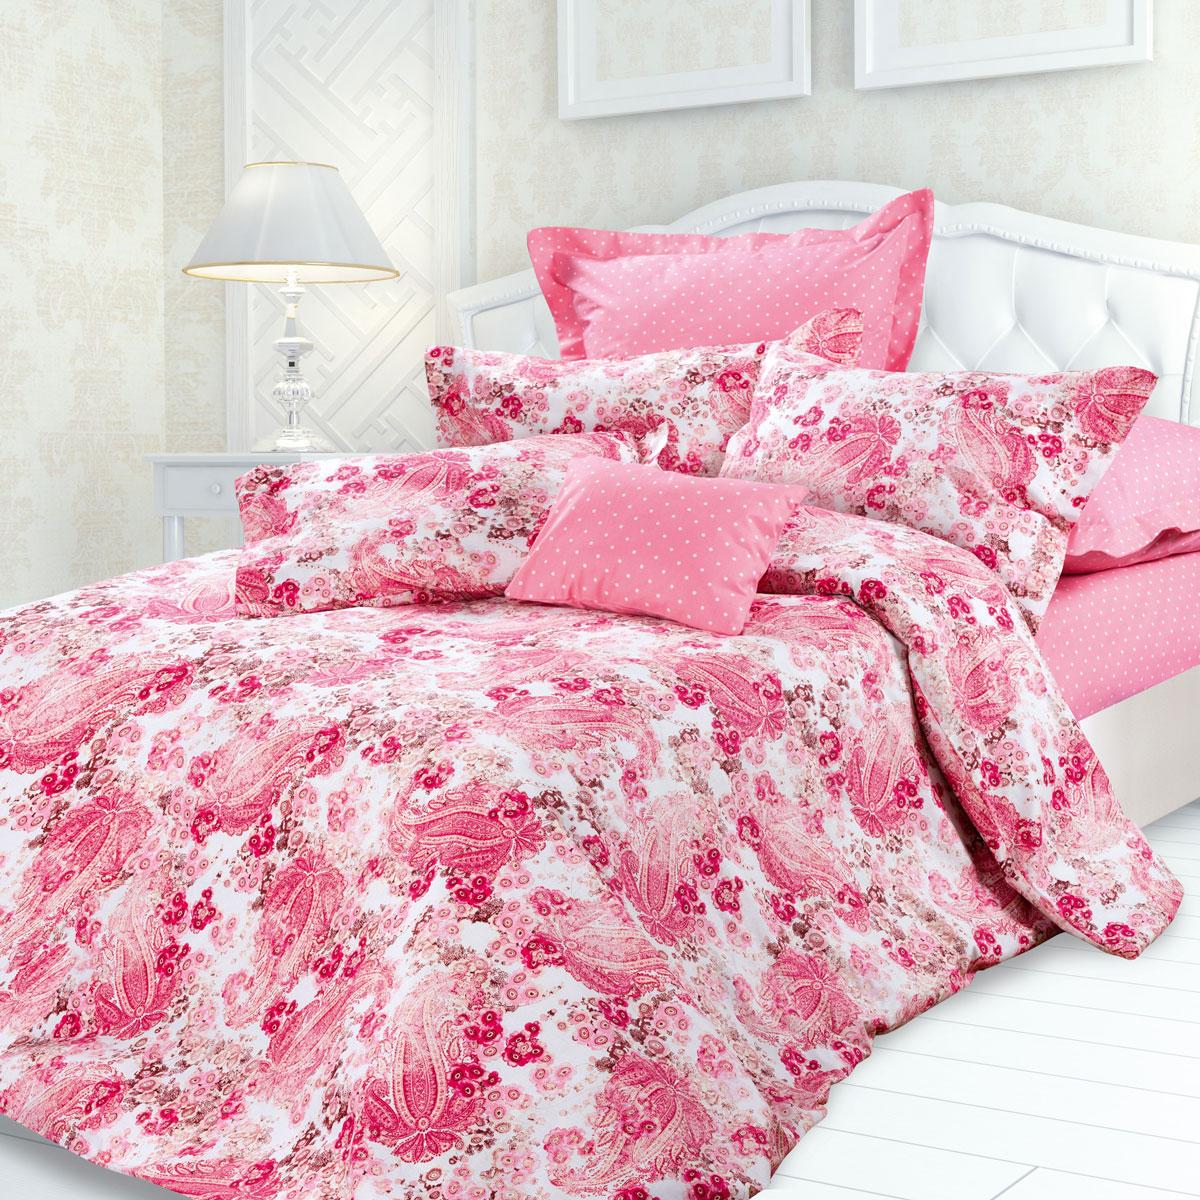 Комплект белья Унисон Линда, евро, наволочки 70 х 70, цвет: розовый. 239638239638Постельное белье торговой марки «Унисон Биоматин» - это домашний текстиль премиум класса с эксклюзивными дизайнами в разнообразных стилистических решениях. Комплекты данной серии выполнены из ткани «биоматин» - это 100% хлопок высочайшего качества, мягкий, тонкий и легкий, но при этом прочный, долговечный и очень практичный, с повышенным показателем износостойкости, обладающий грязе- и пылеотталкивающими свойствами, долго сохраняющий чистоту и свежесть постельного белья, гипоаллергенный.